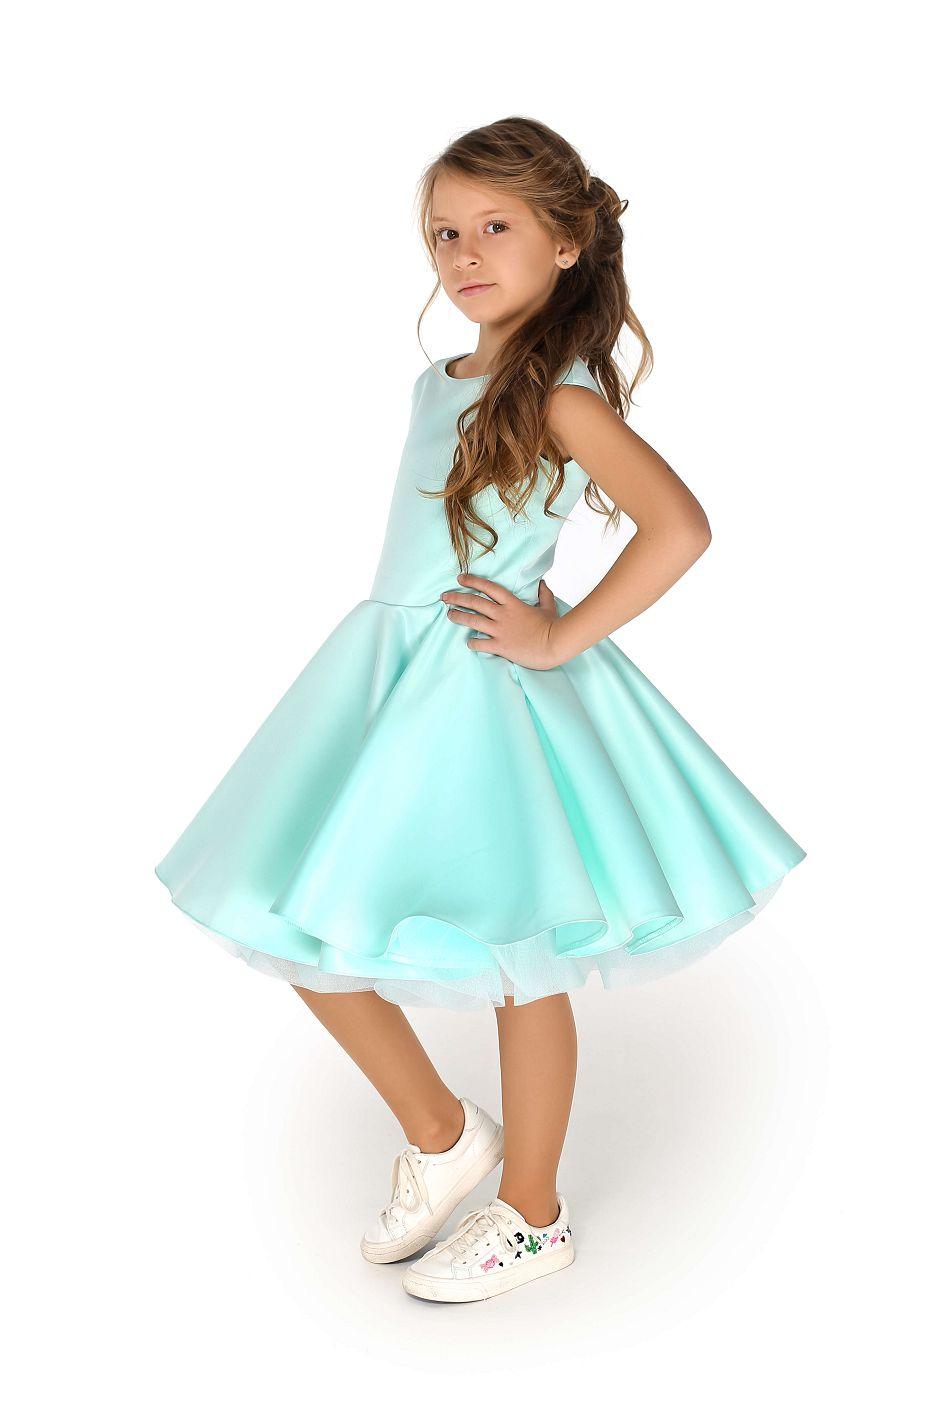 Святкова сукня м'ятного кольору на дівчинку